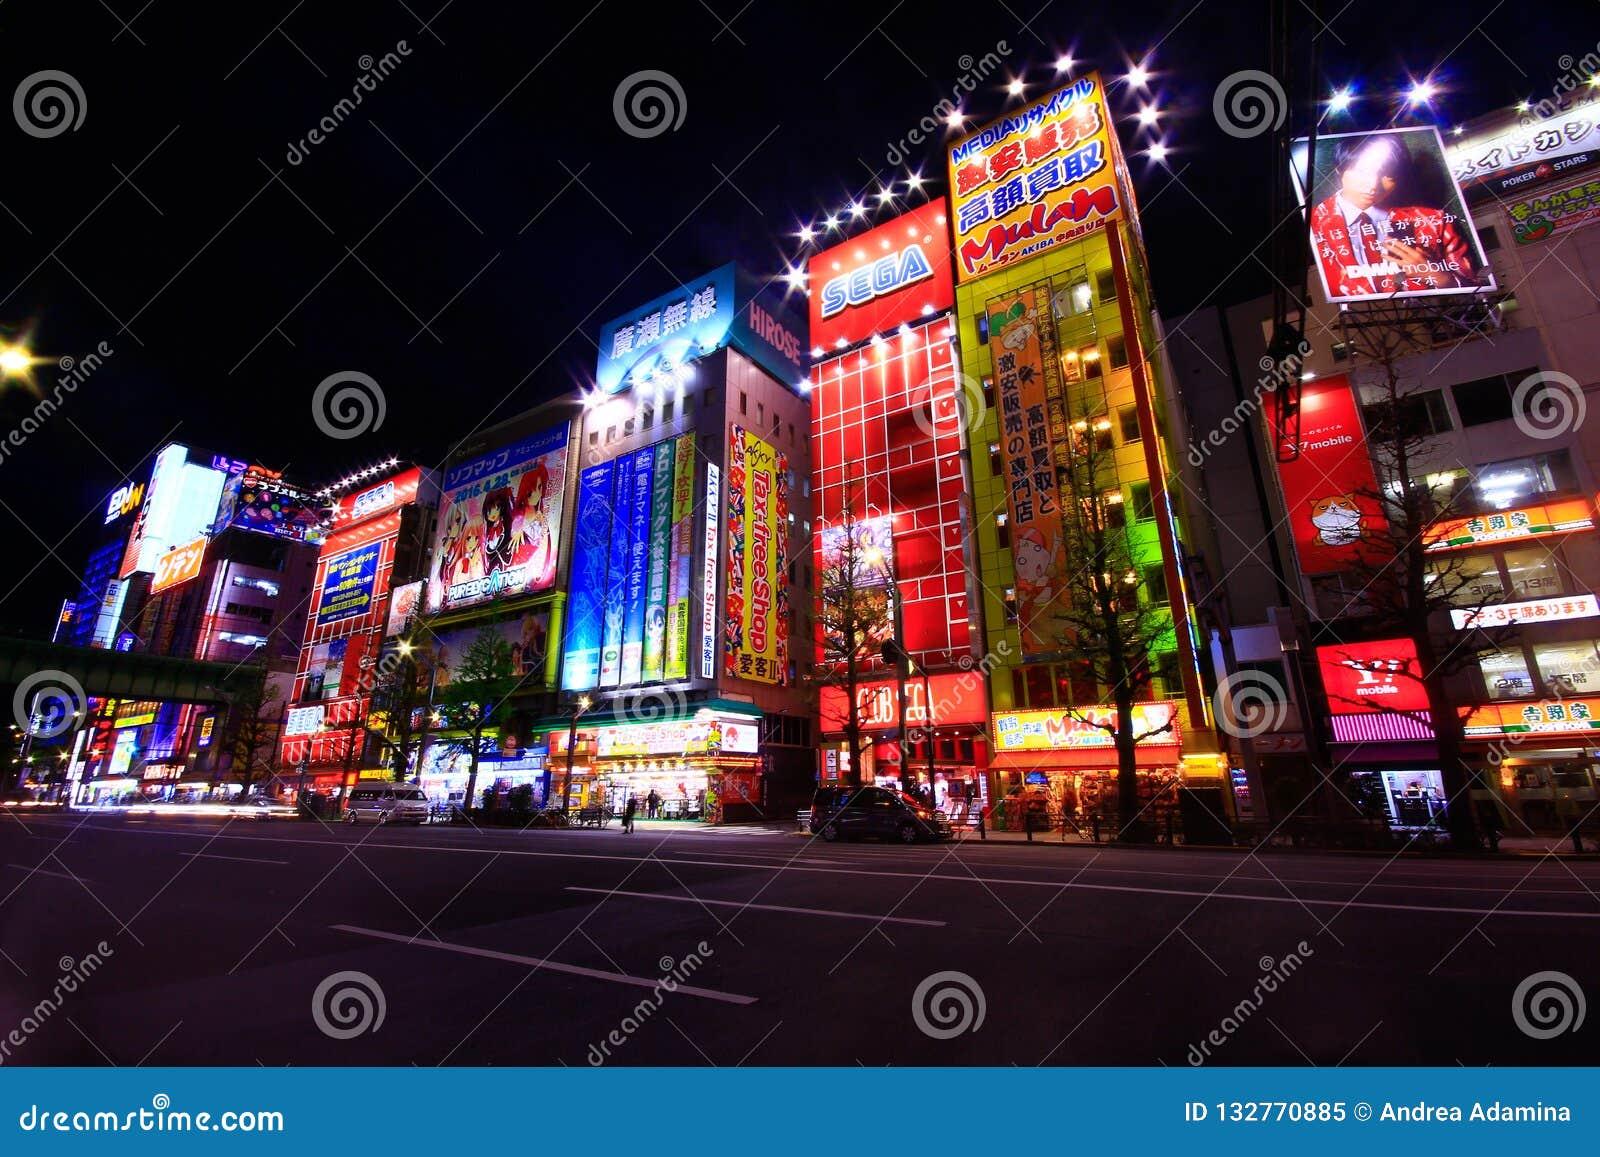 Widok Neonowi znaki i billboard reklamy w Akihabara elektroniki centrum w Tokio, Japonia